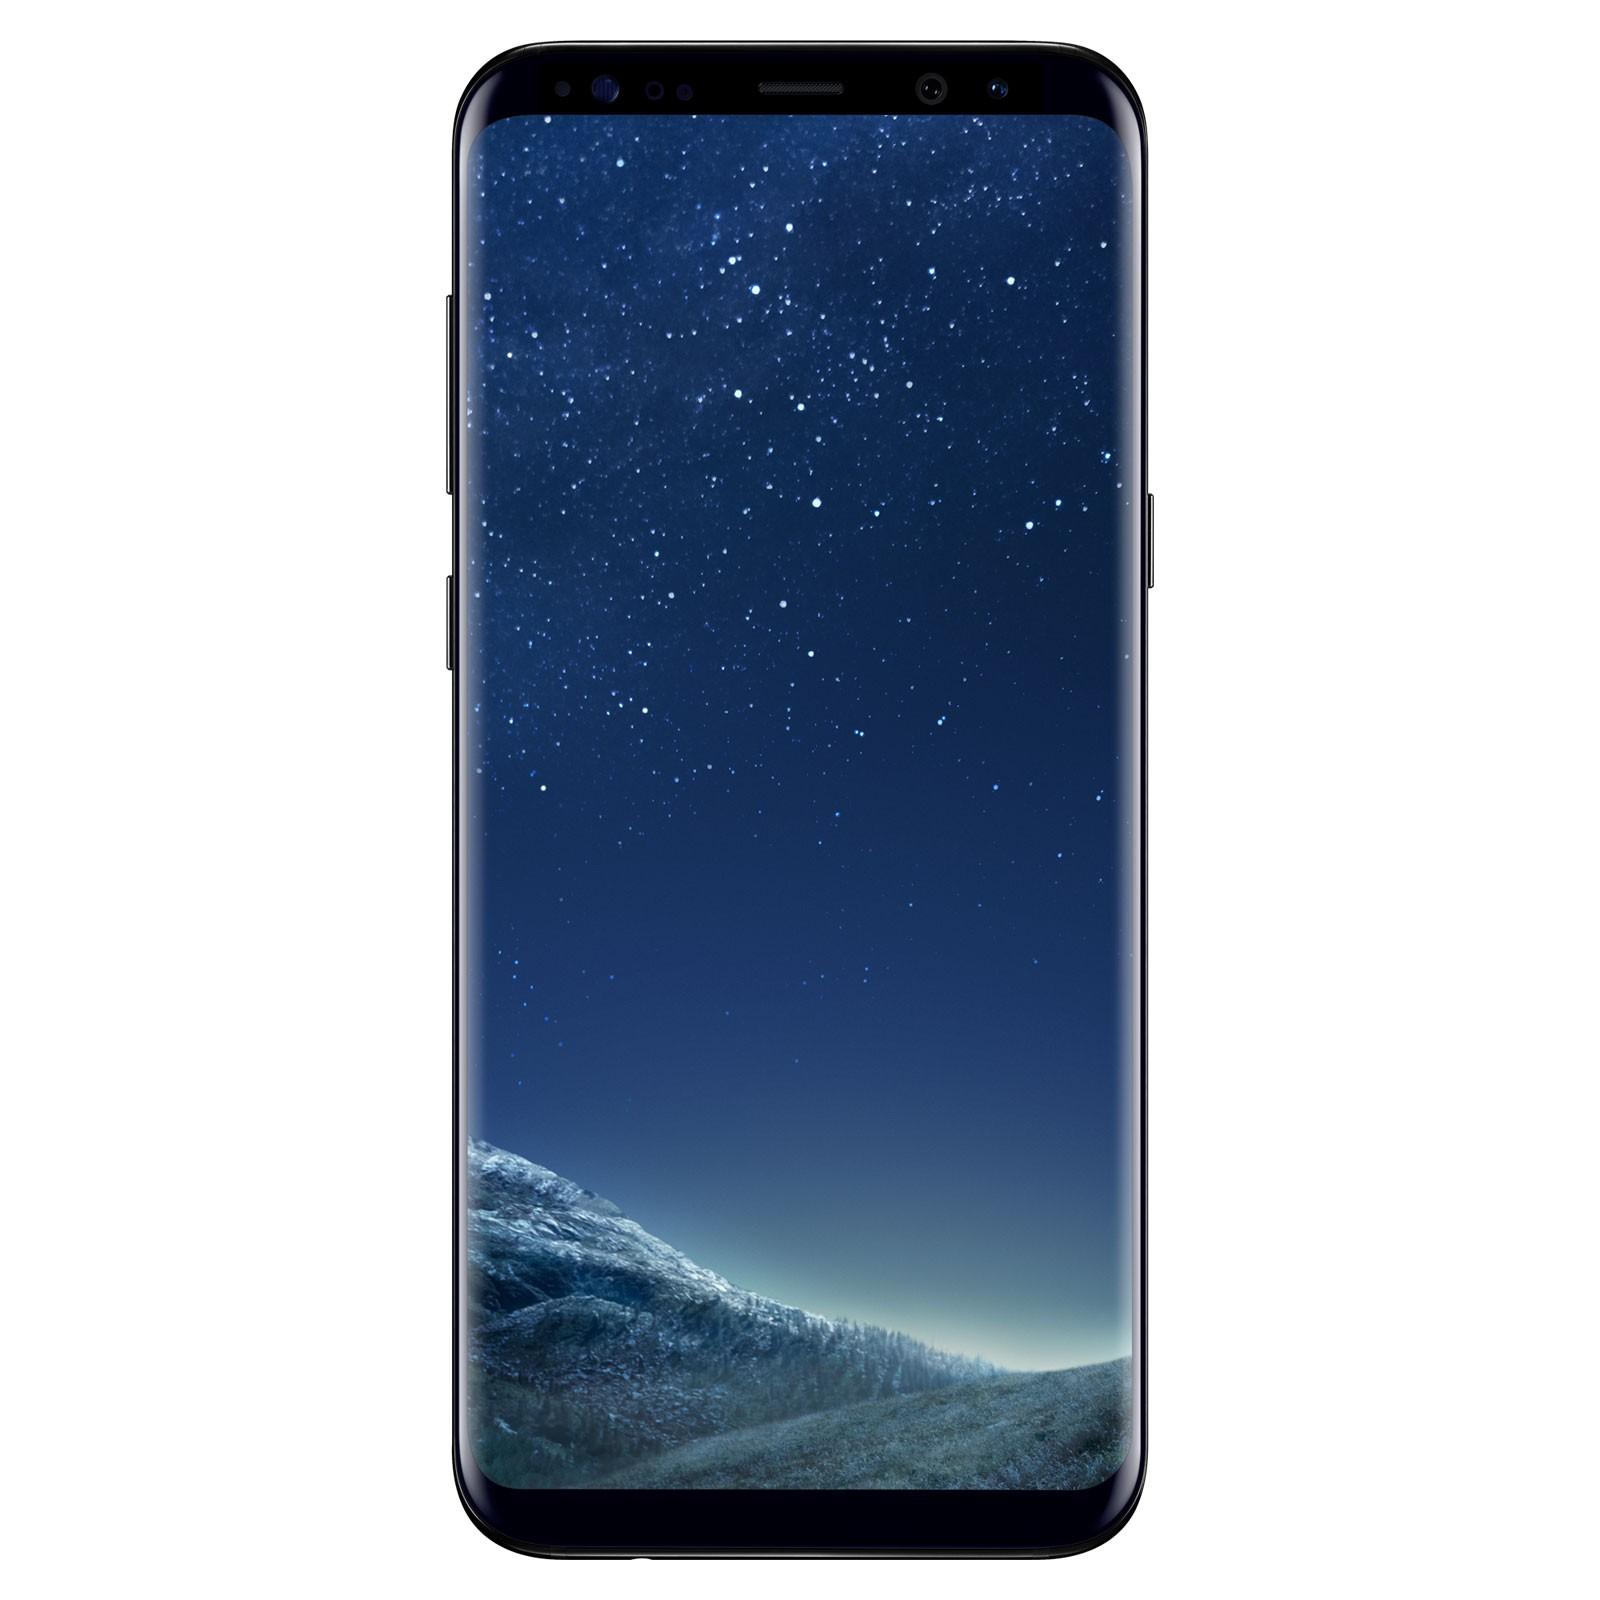 Samsung Galaxy S8 Plus Noir Carbonne 64 Go SM-G955F